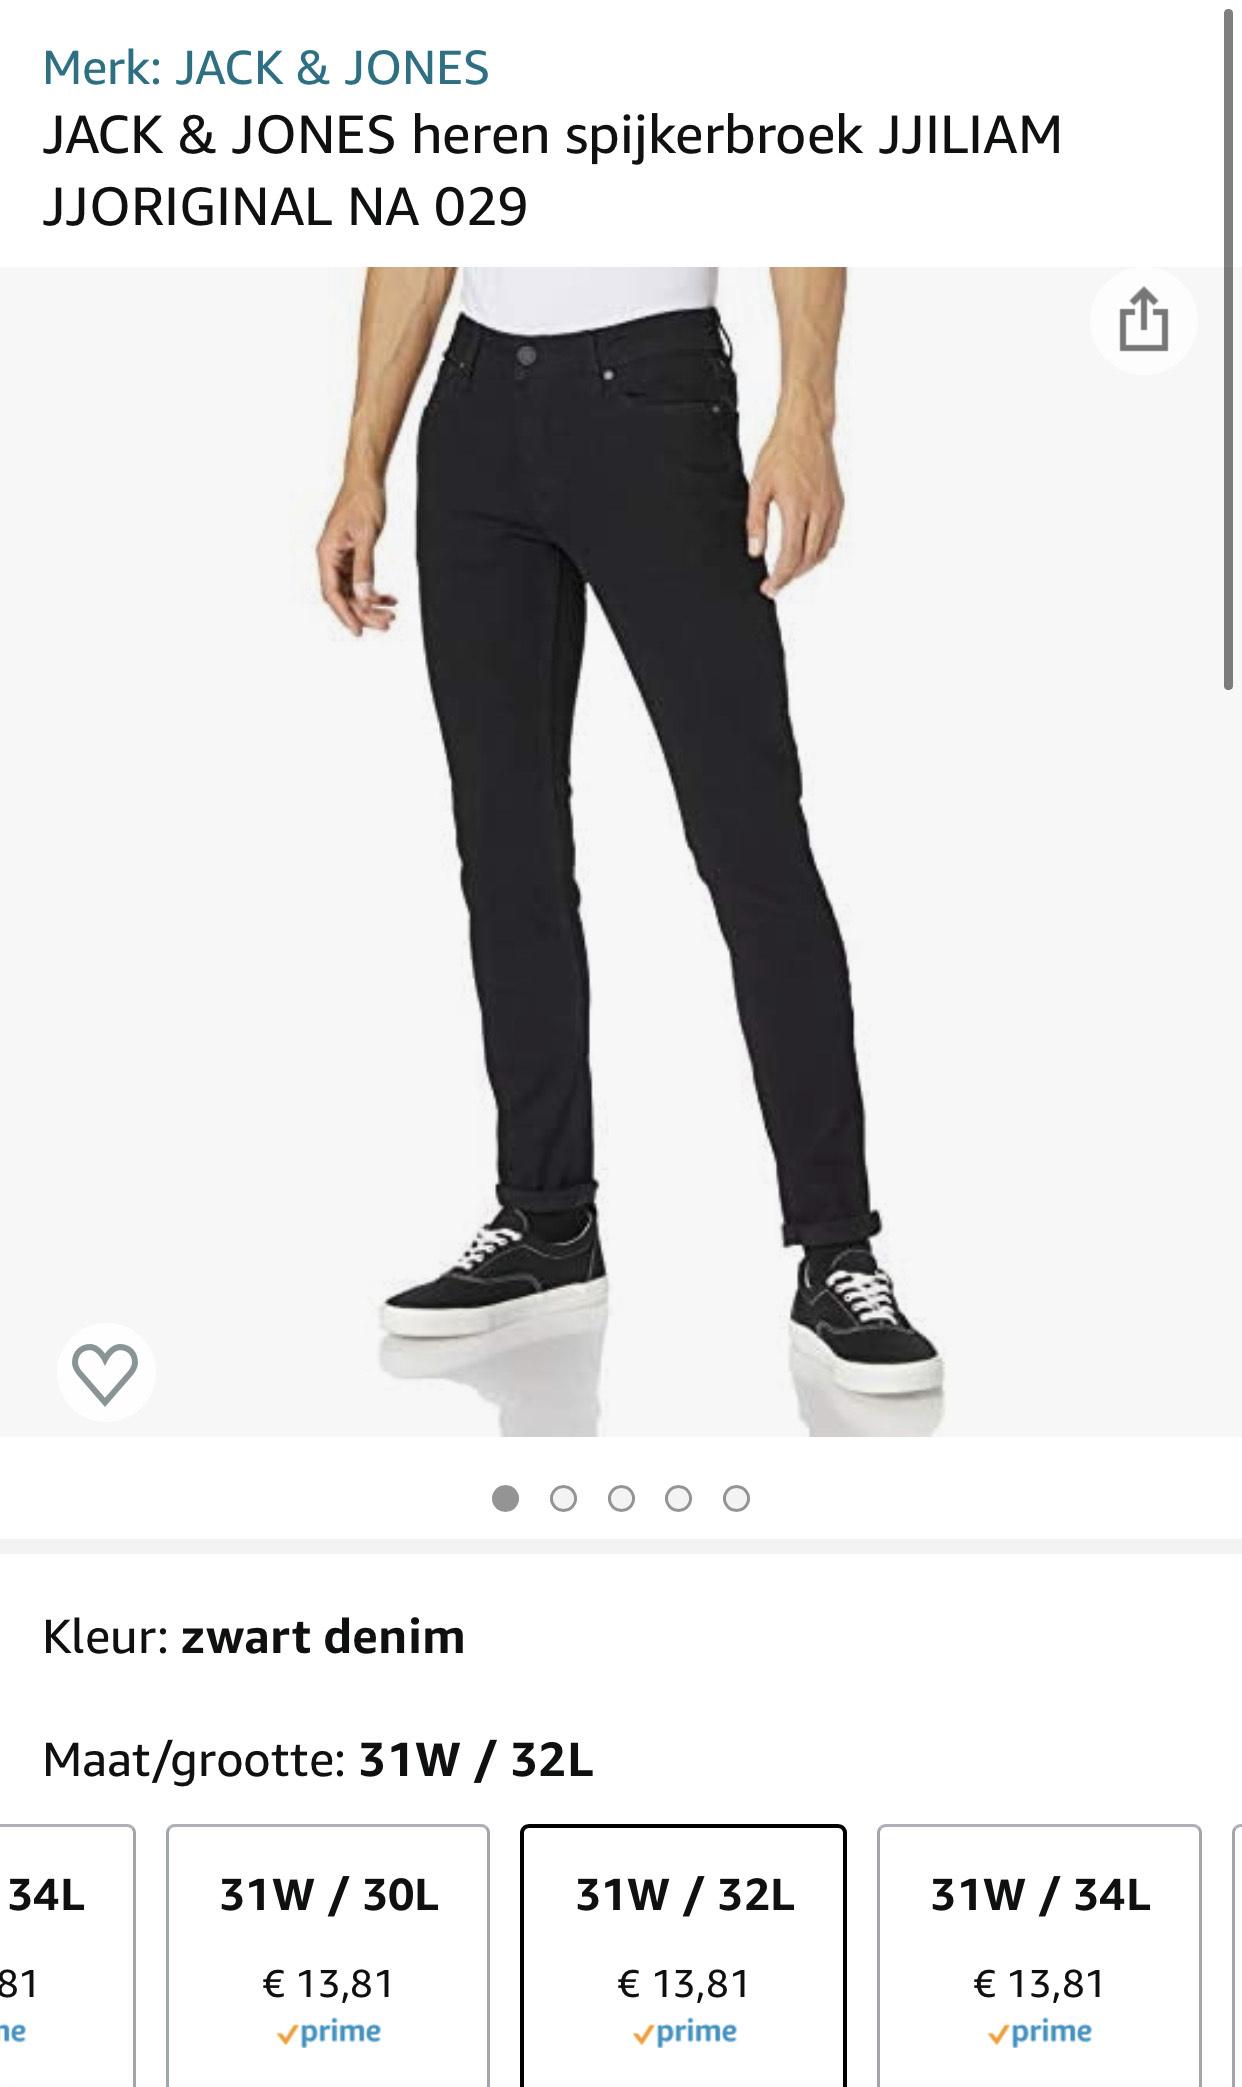 JACK & JONES heren spijkerbroek zwart skinny